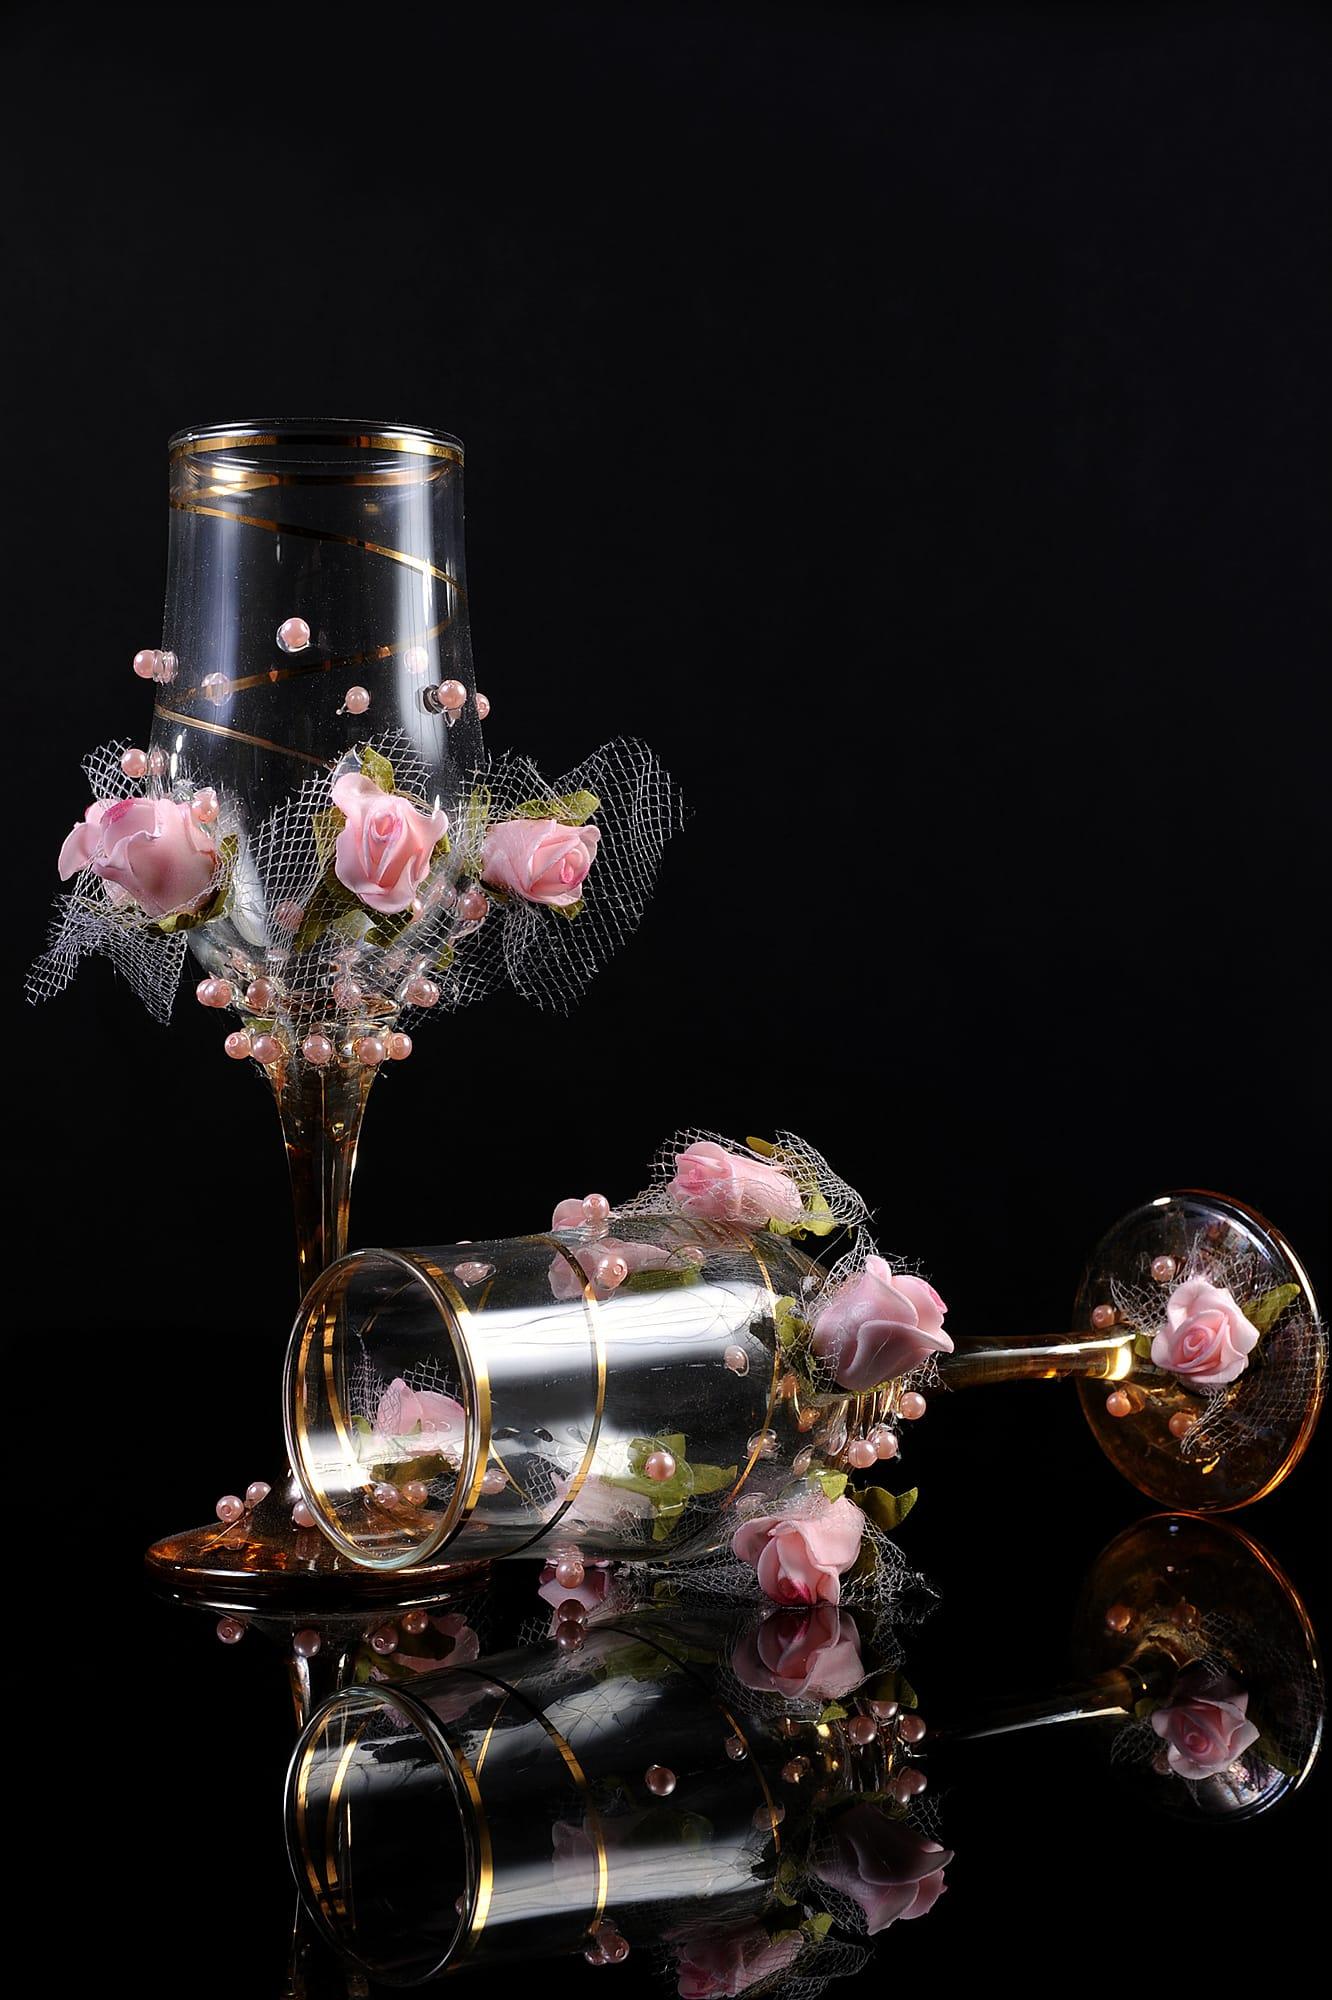 Стильные свадебные фужеры из прозрачного стекла, украшенные цветочными бутонами.